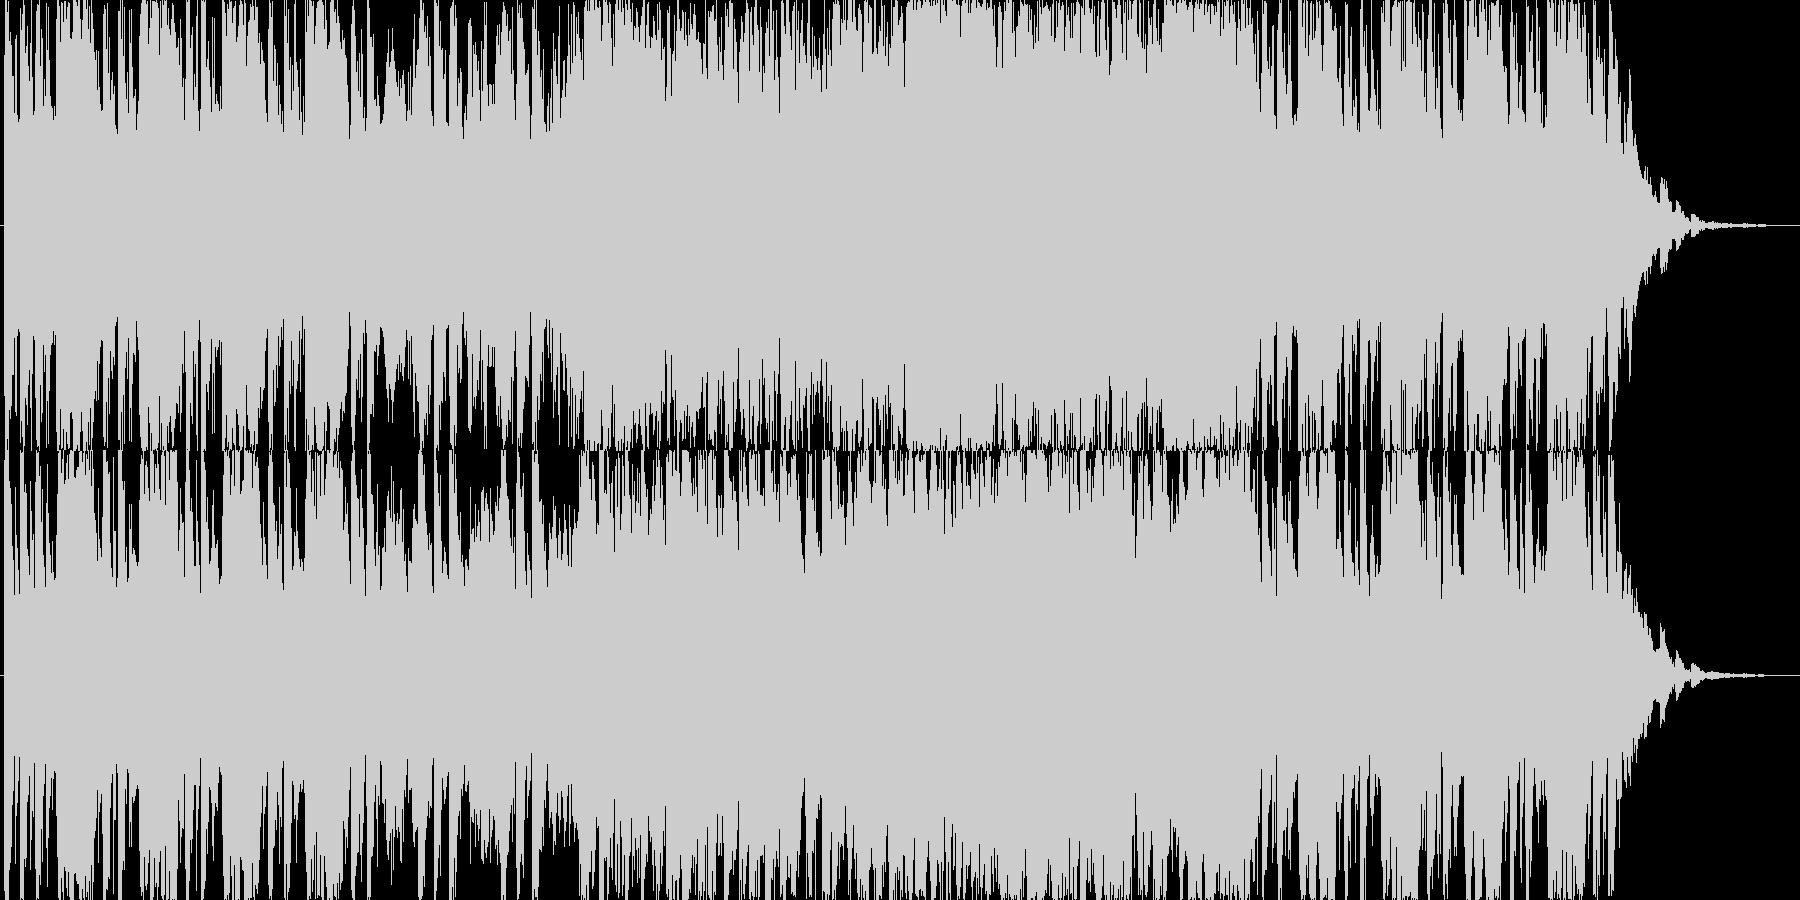 焦燥感にかられるパワフルオーケストラ曲の未再生の波形